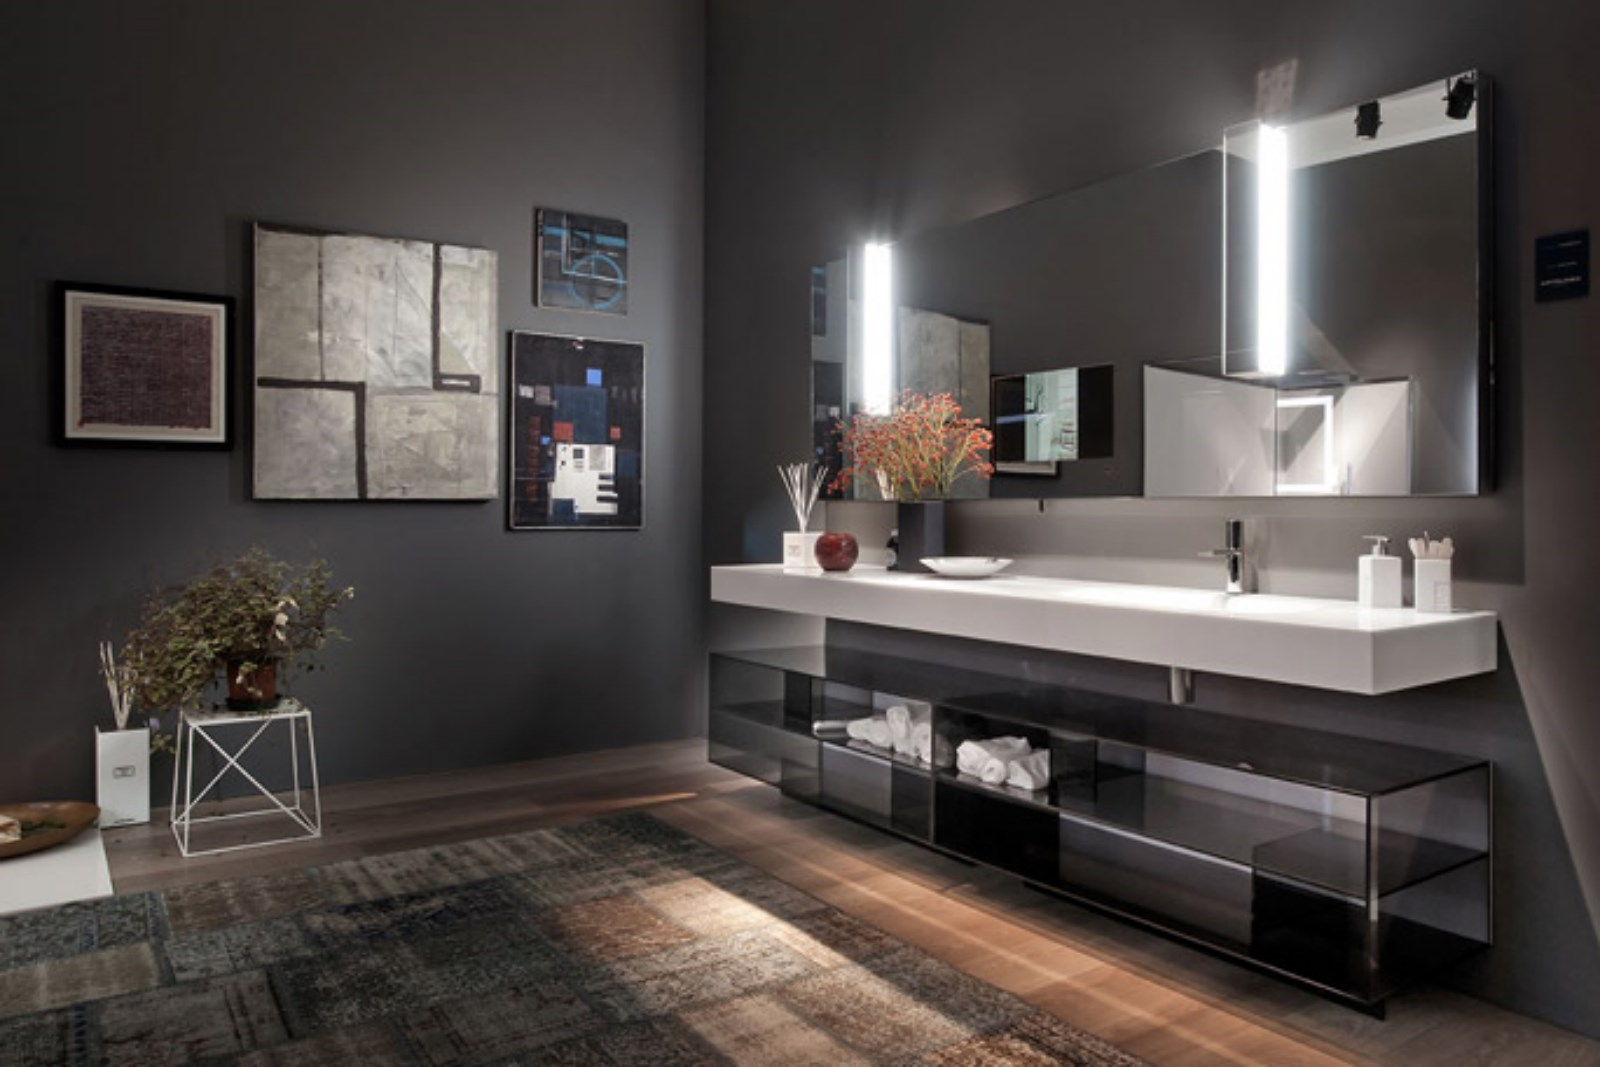 Meuble de salle de bain design Artelinea - Carrelage du Monde